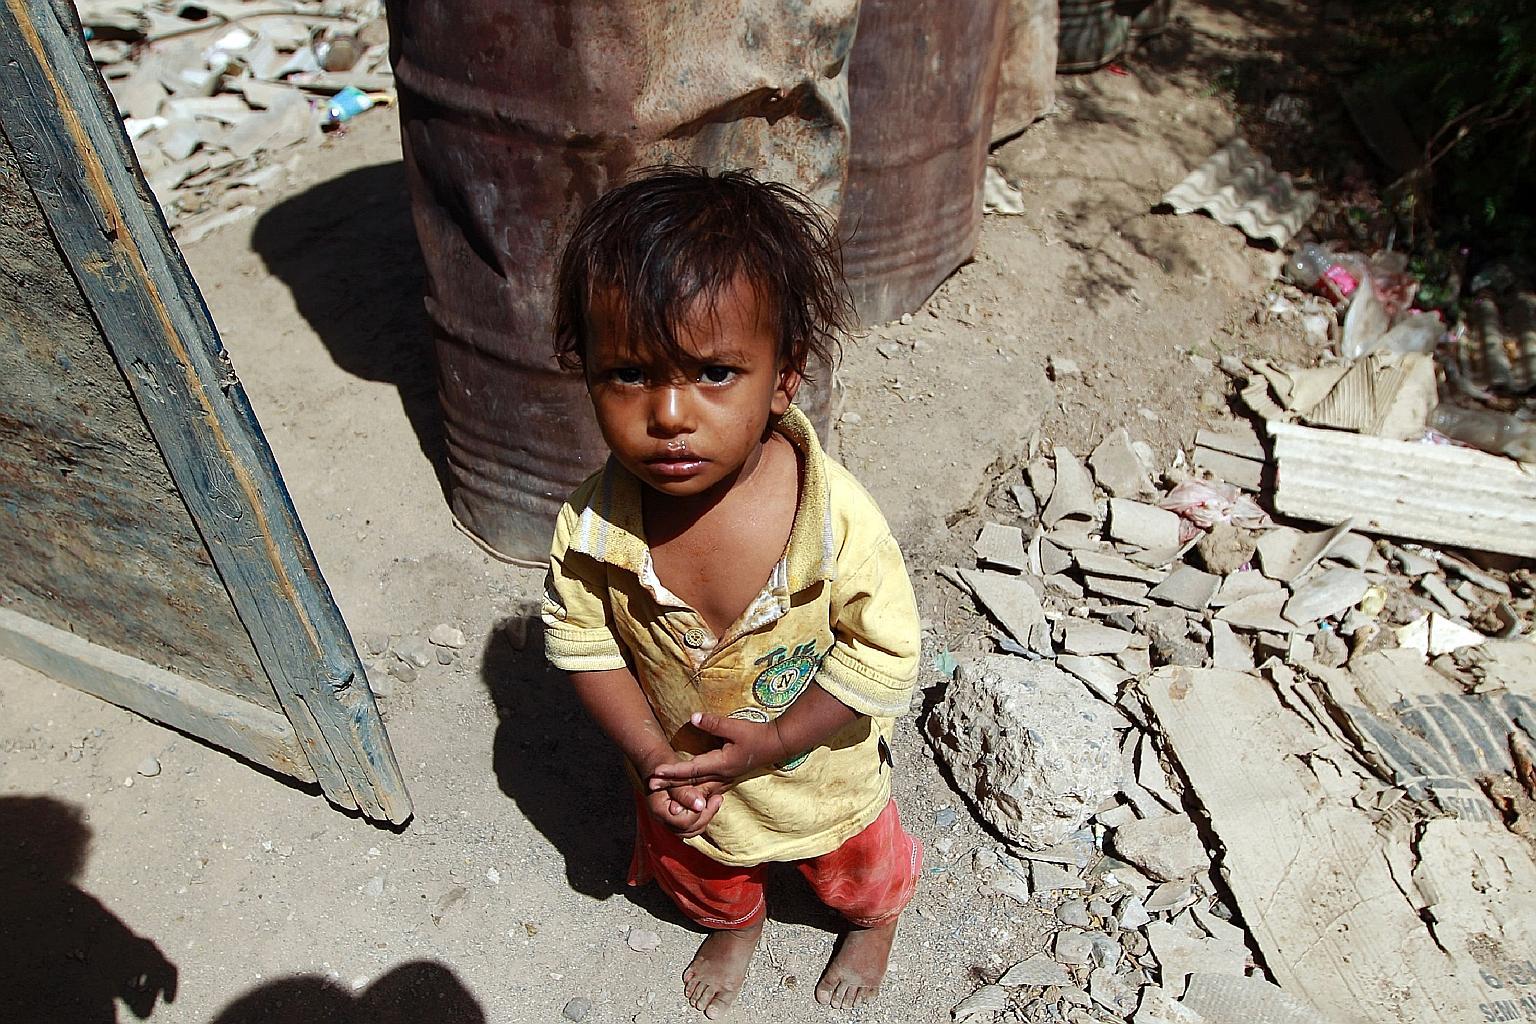 Arabie saoudite : Crimes de guerre et contre l'humanité au Yémen